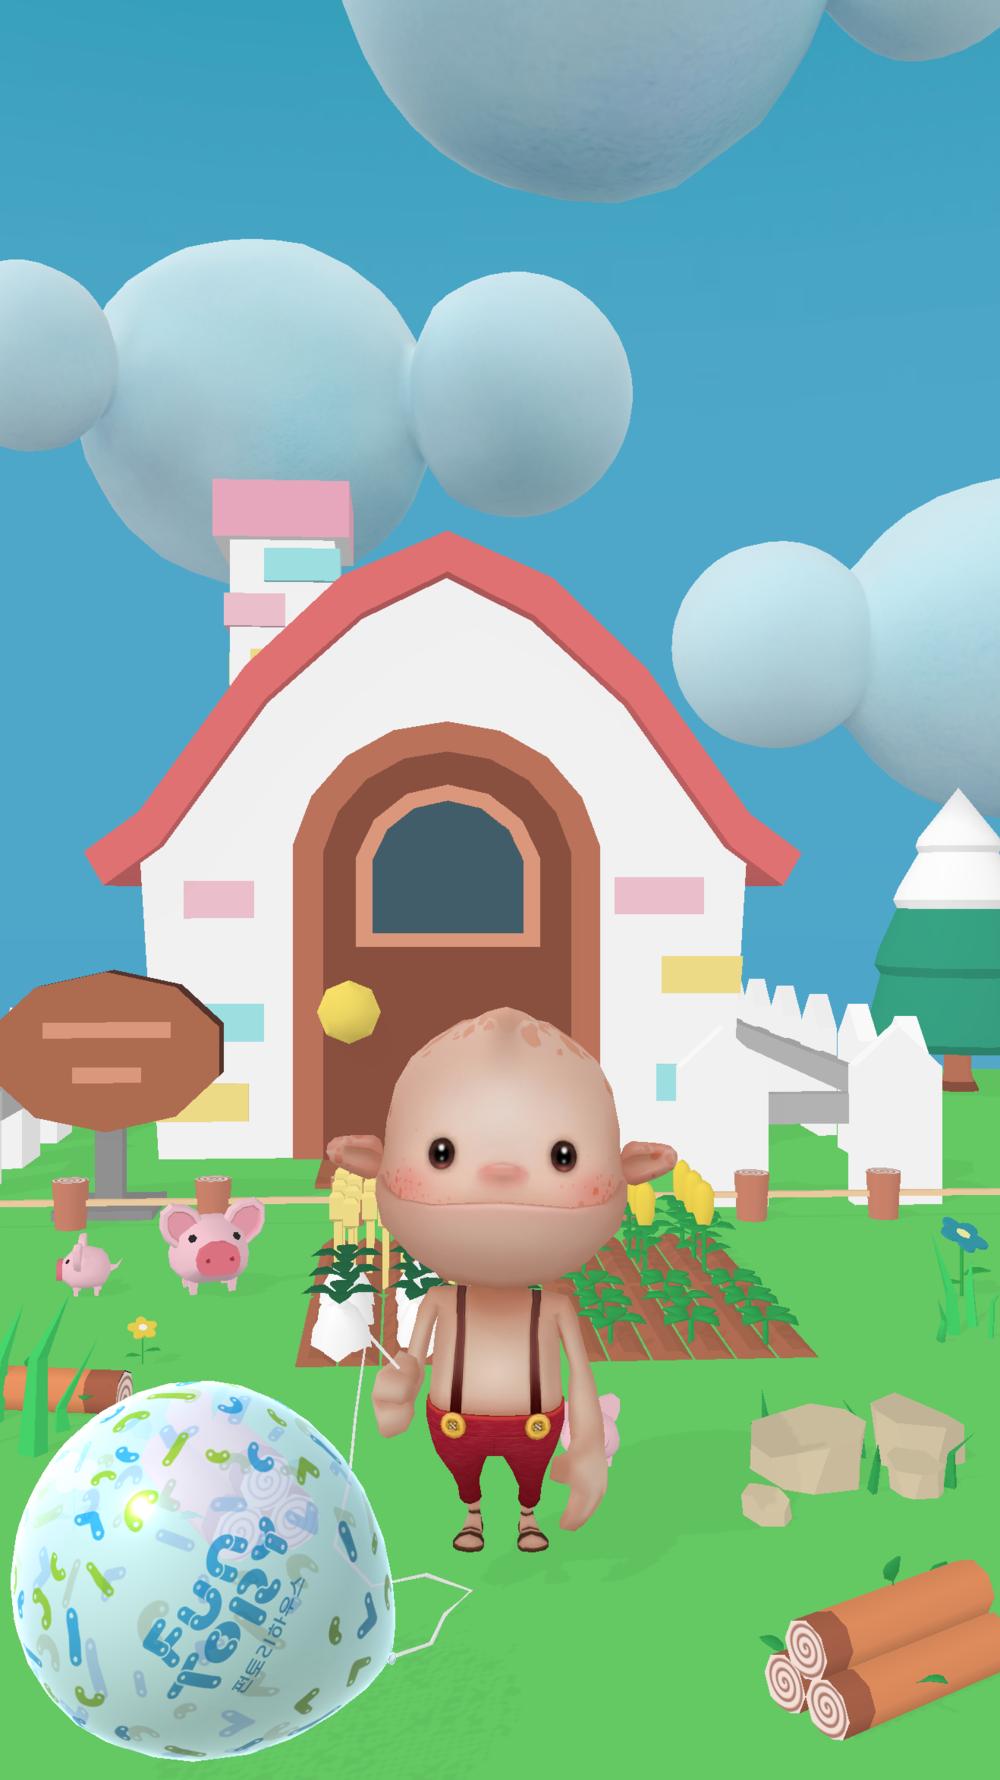 1.텃밭을 가꾸는 집/House with Farm